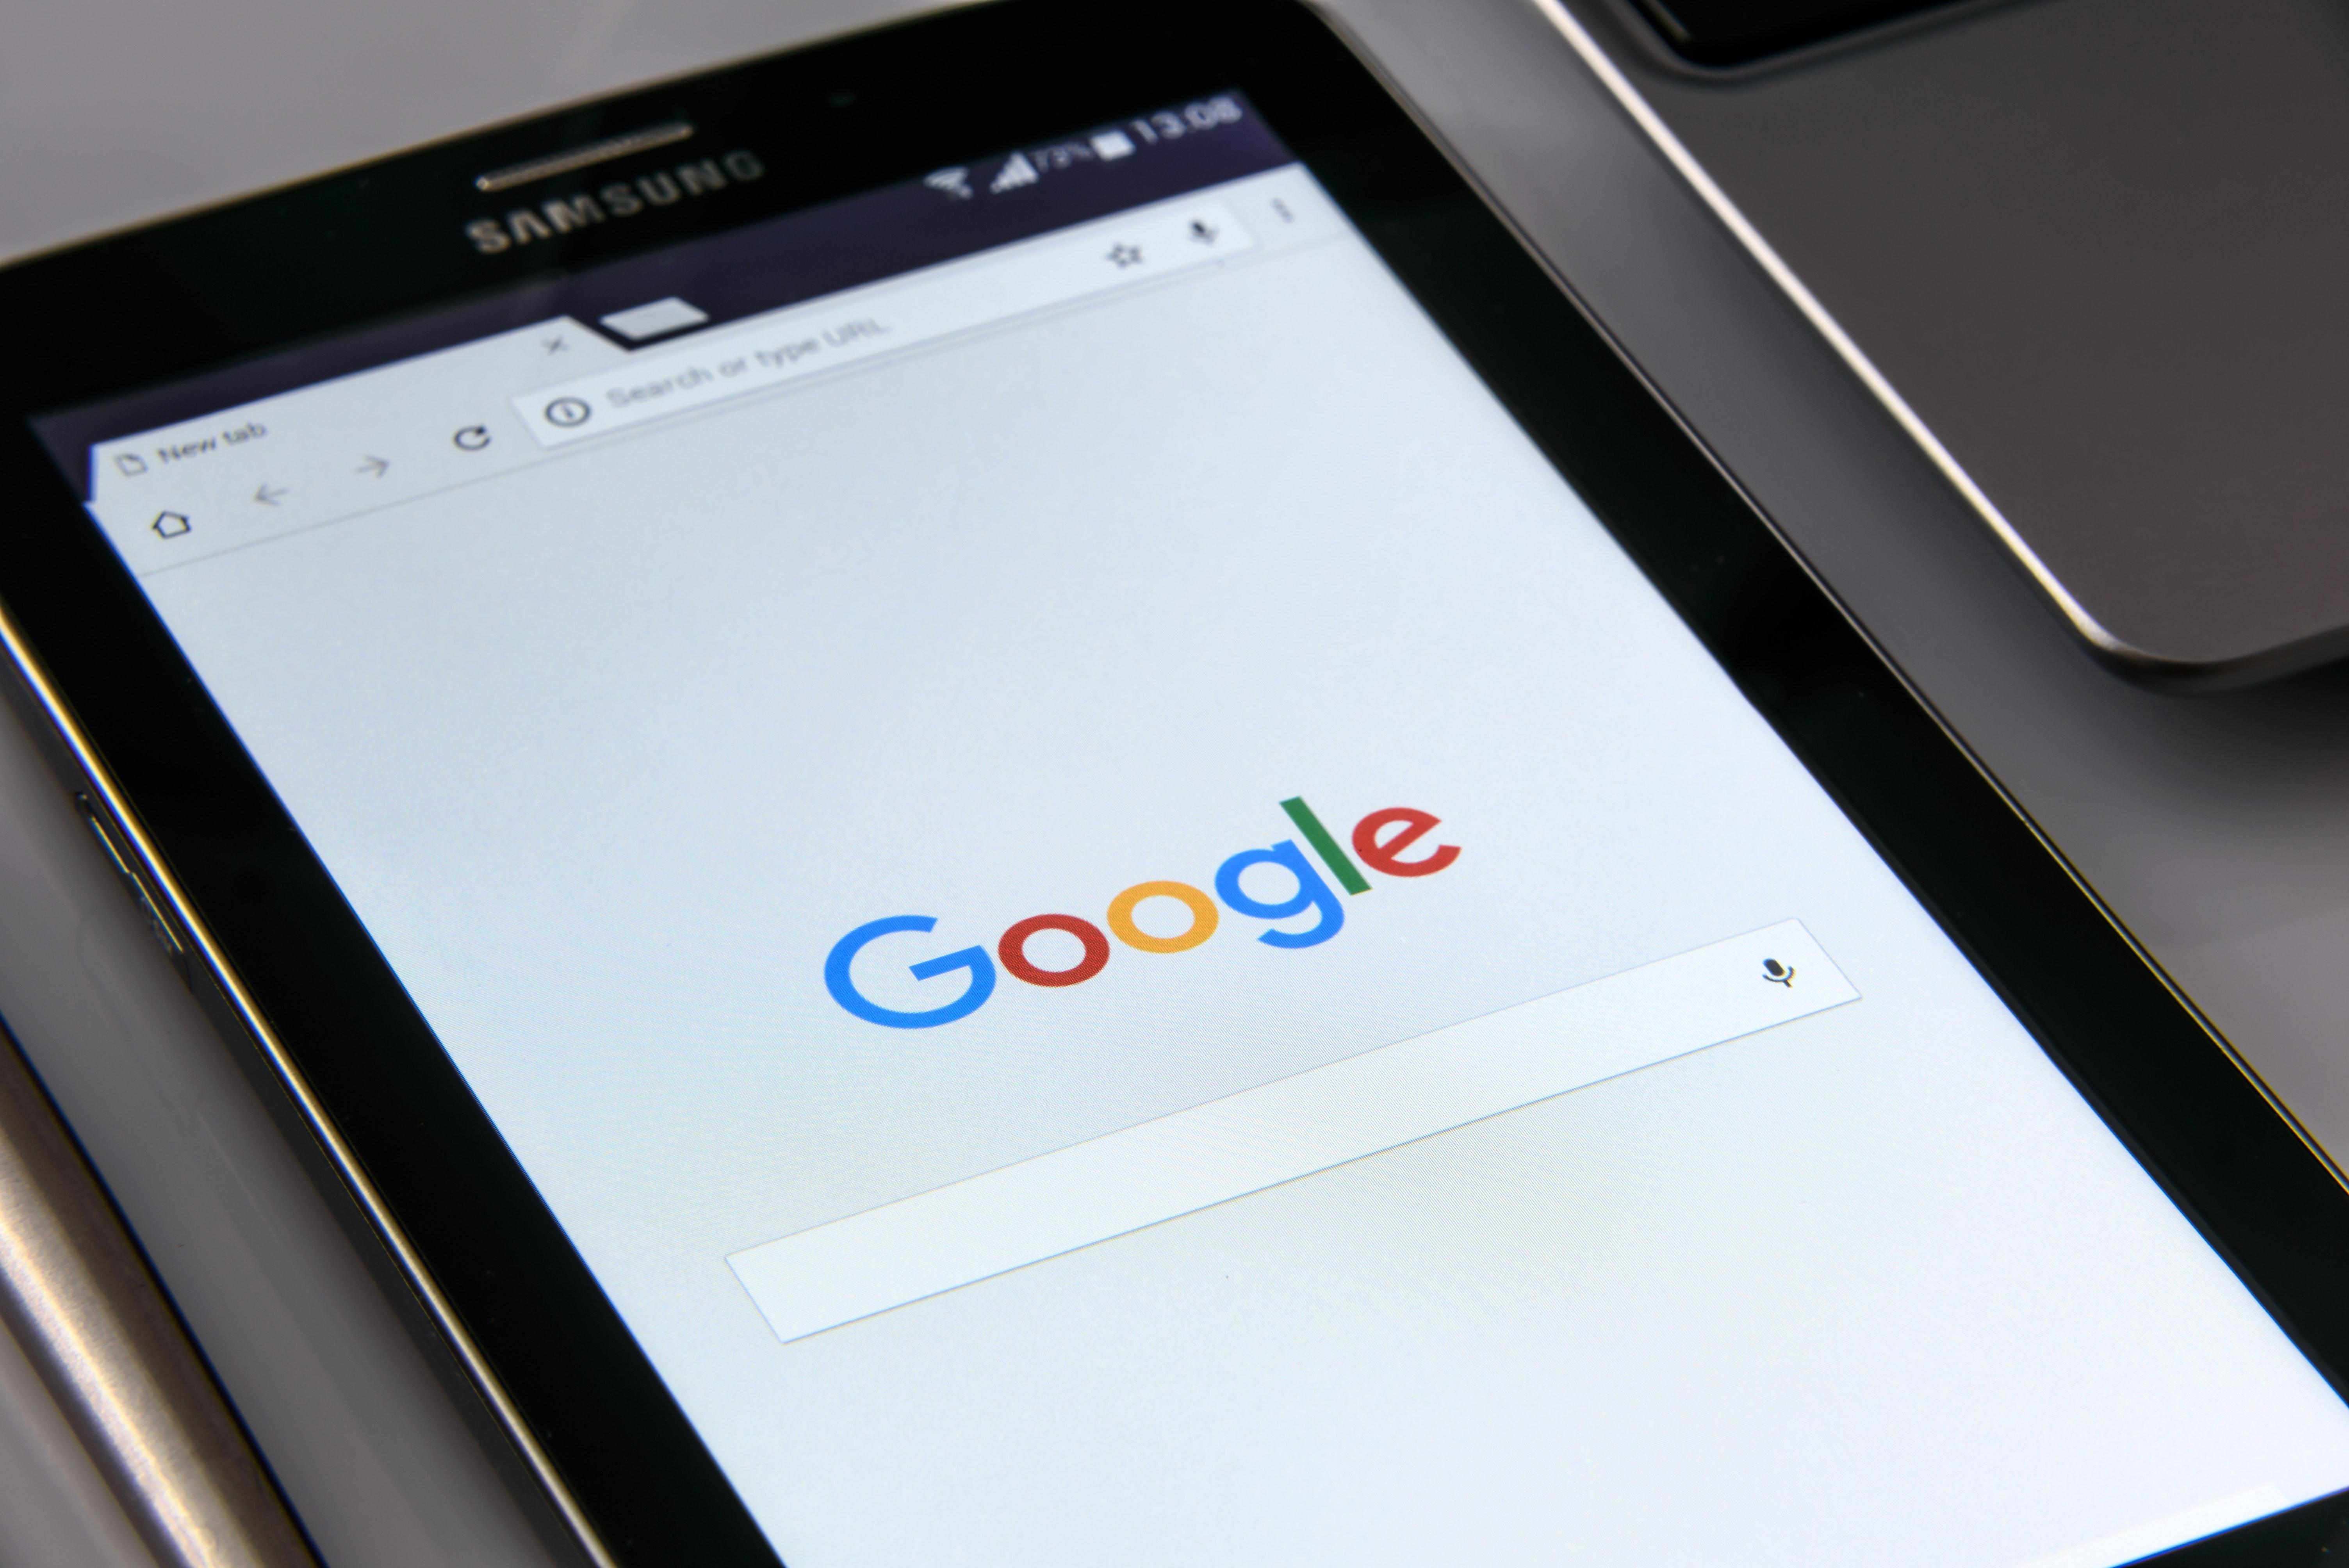 Google: Panamá tiene más oportunidades de negocio digital en Latinoamérica